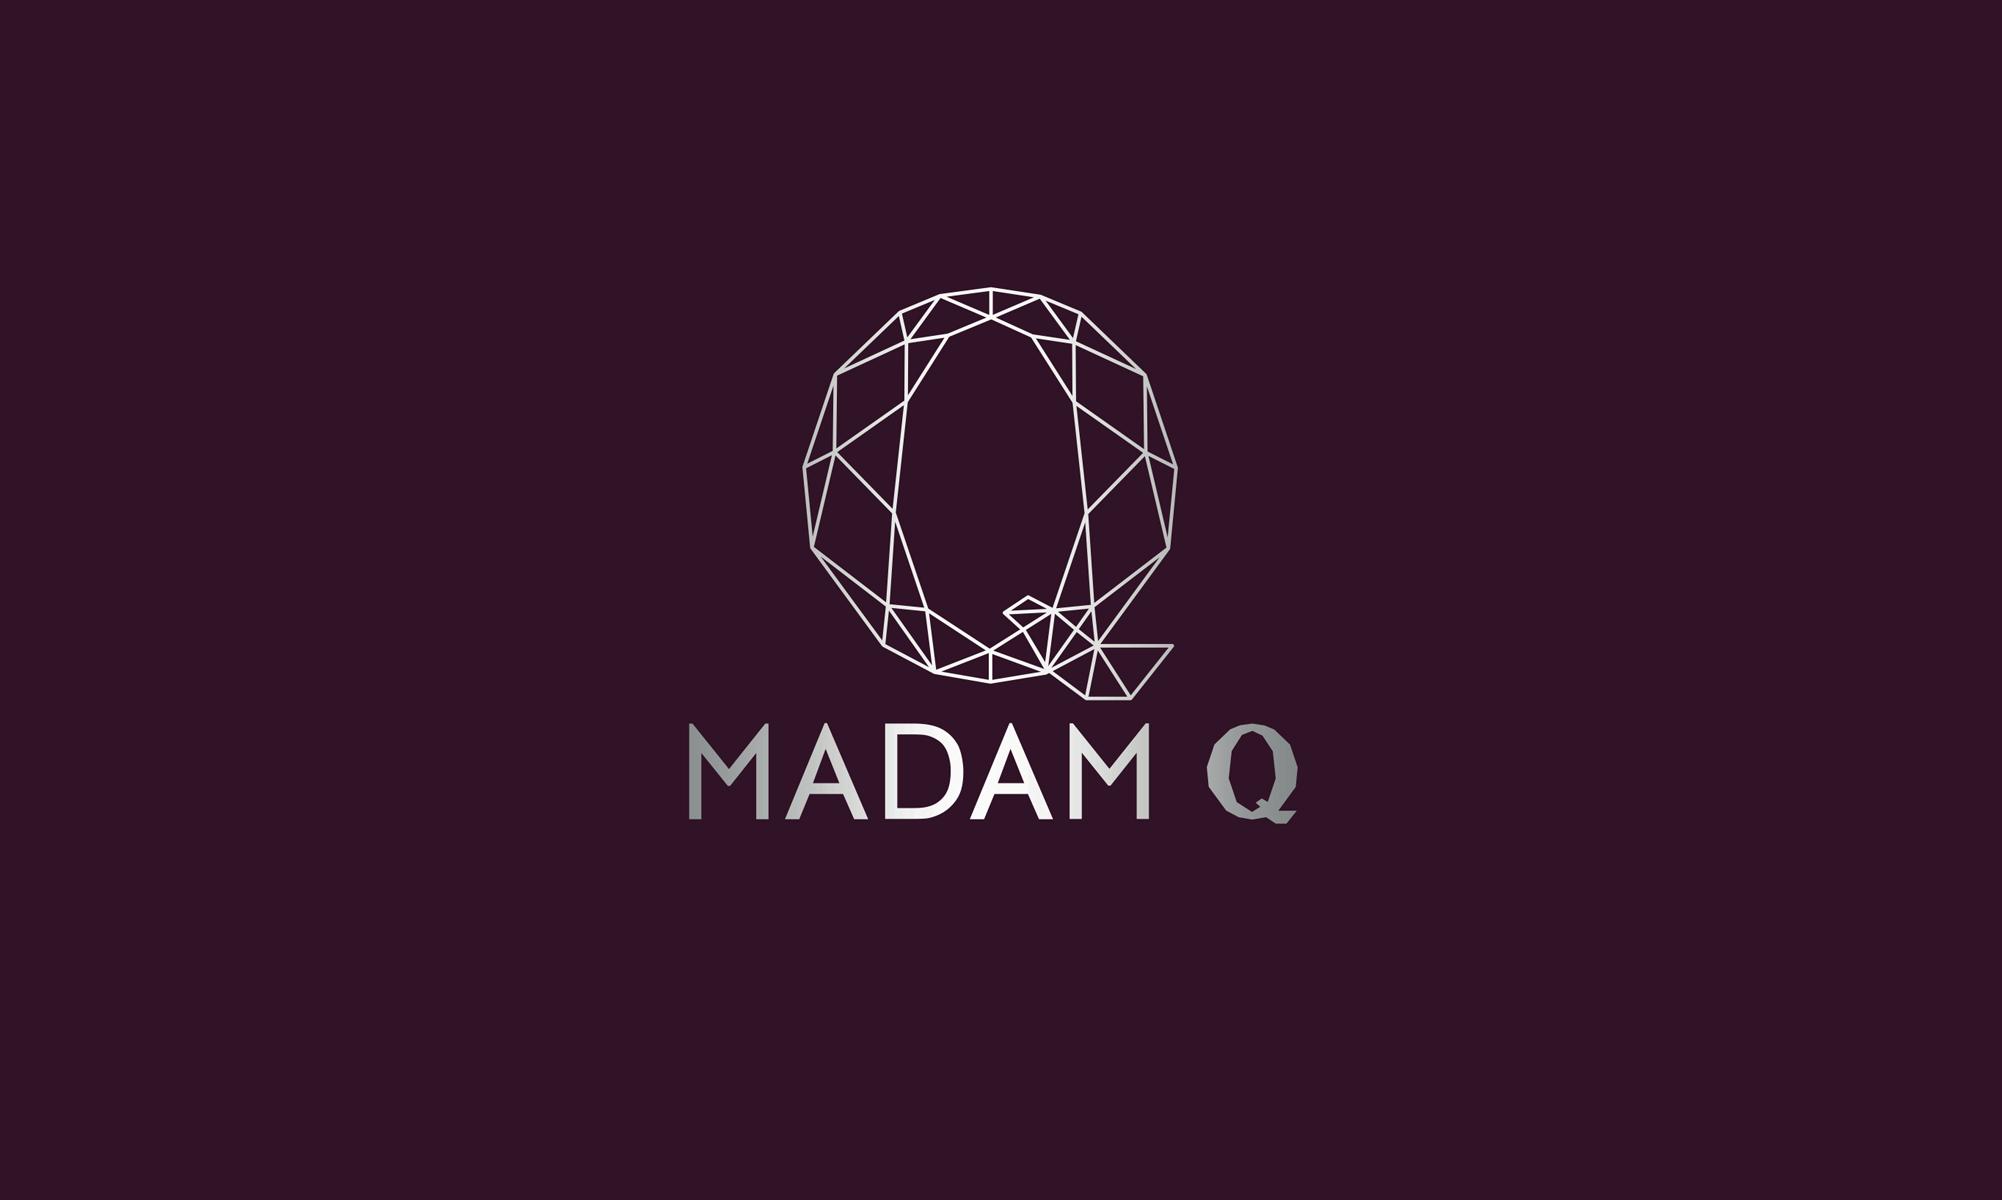 Maddom Q_03.jpg